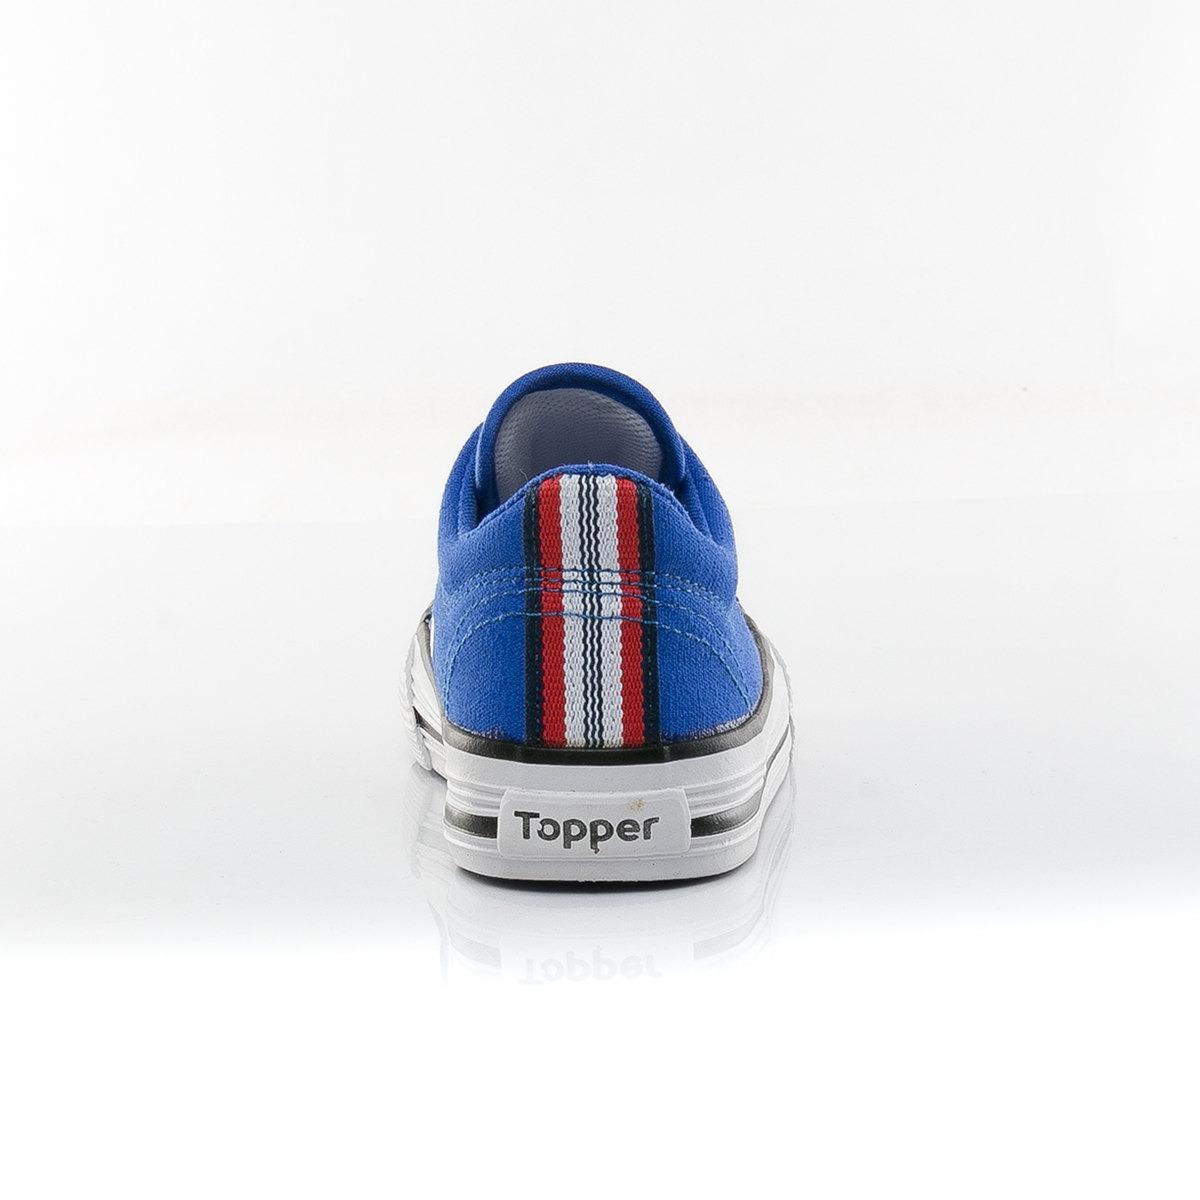 8ad05465b1 Cargando zoom... zapatillas derby niños + topper sport 78 tienda oficial